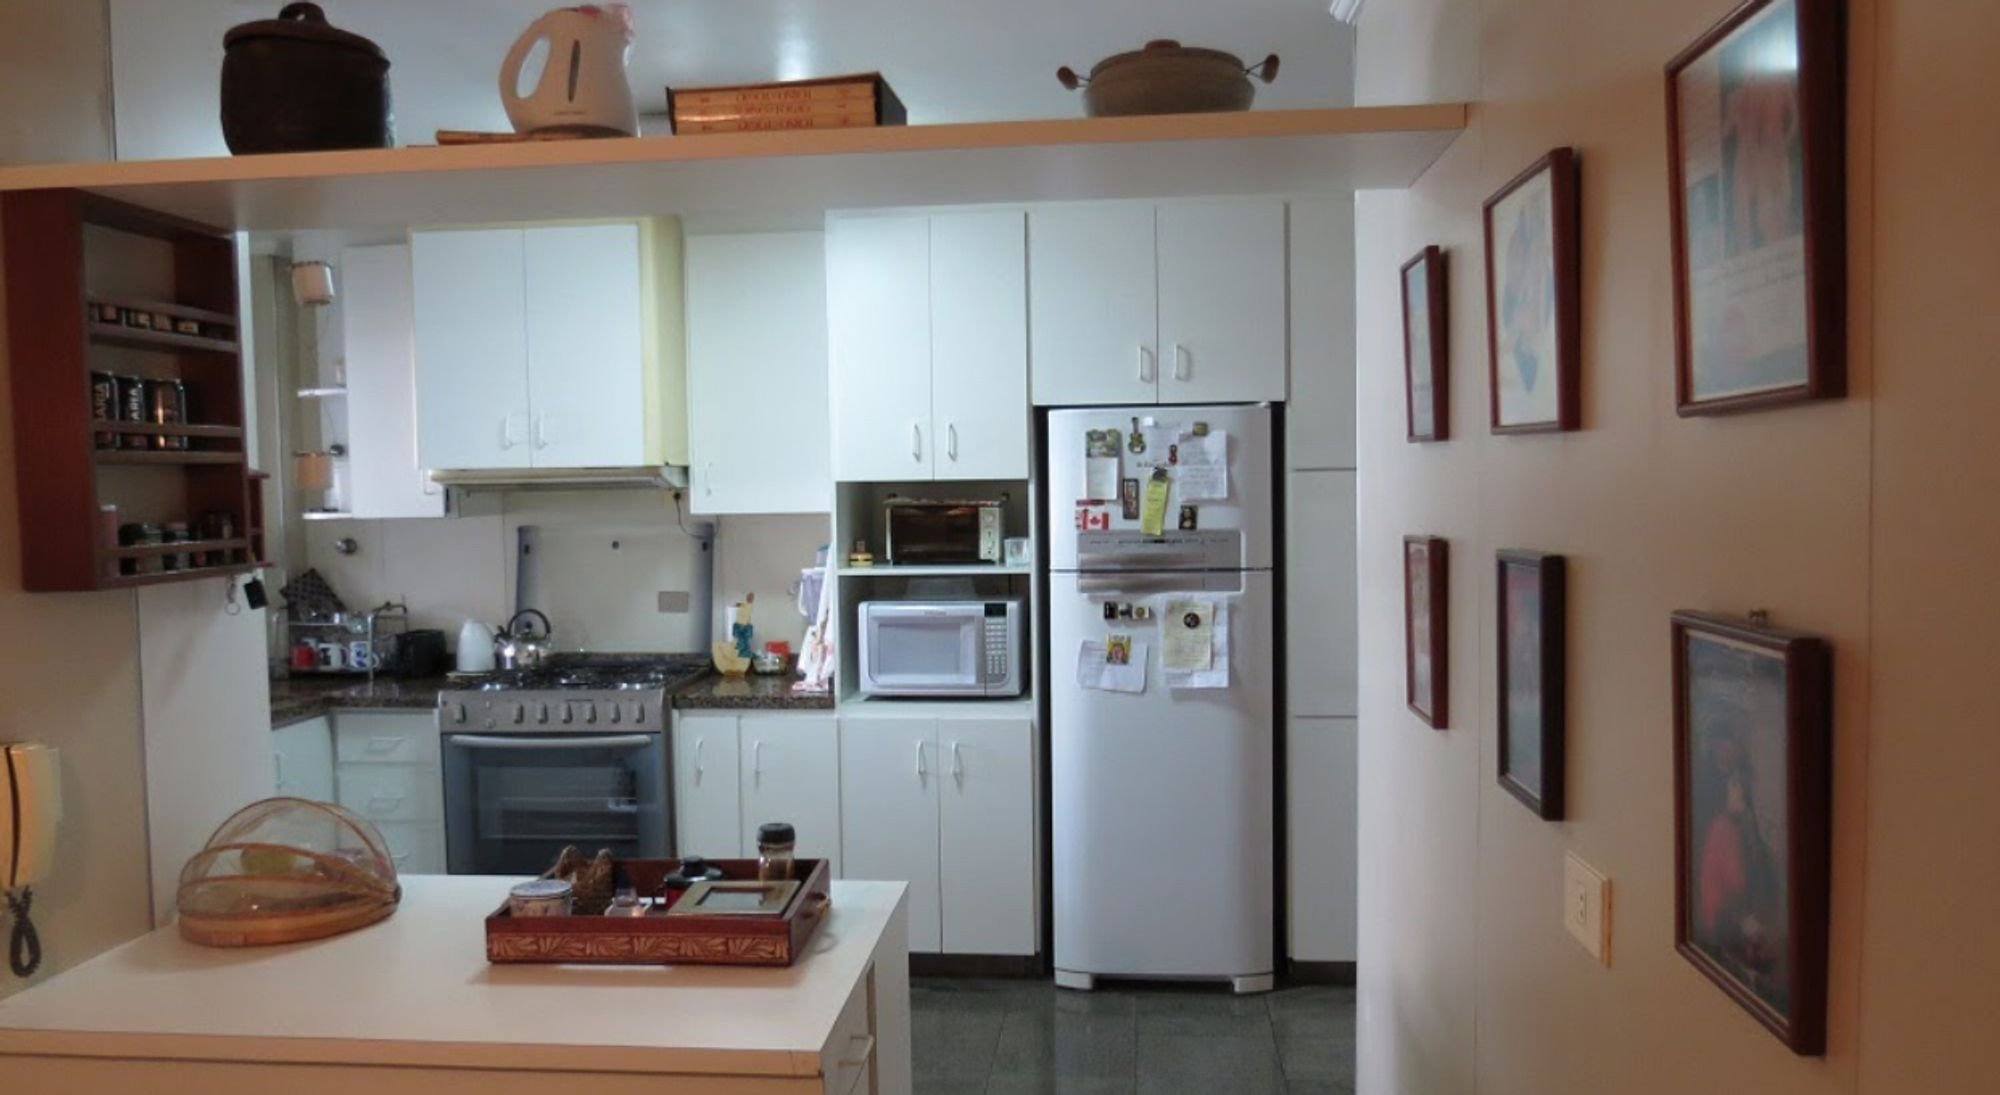 Foto de Cozinha com forno, geladeira, microondas, mesa de jantar, livro